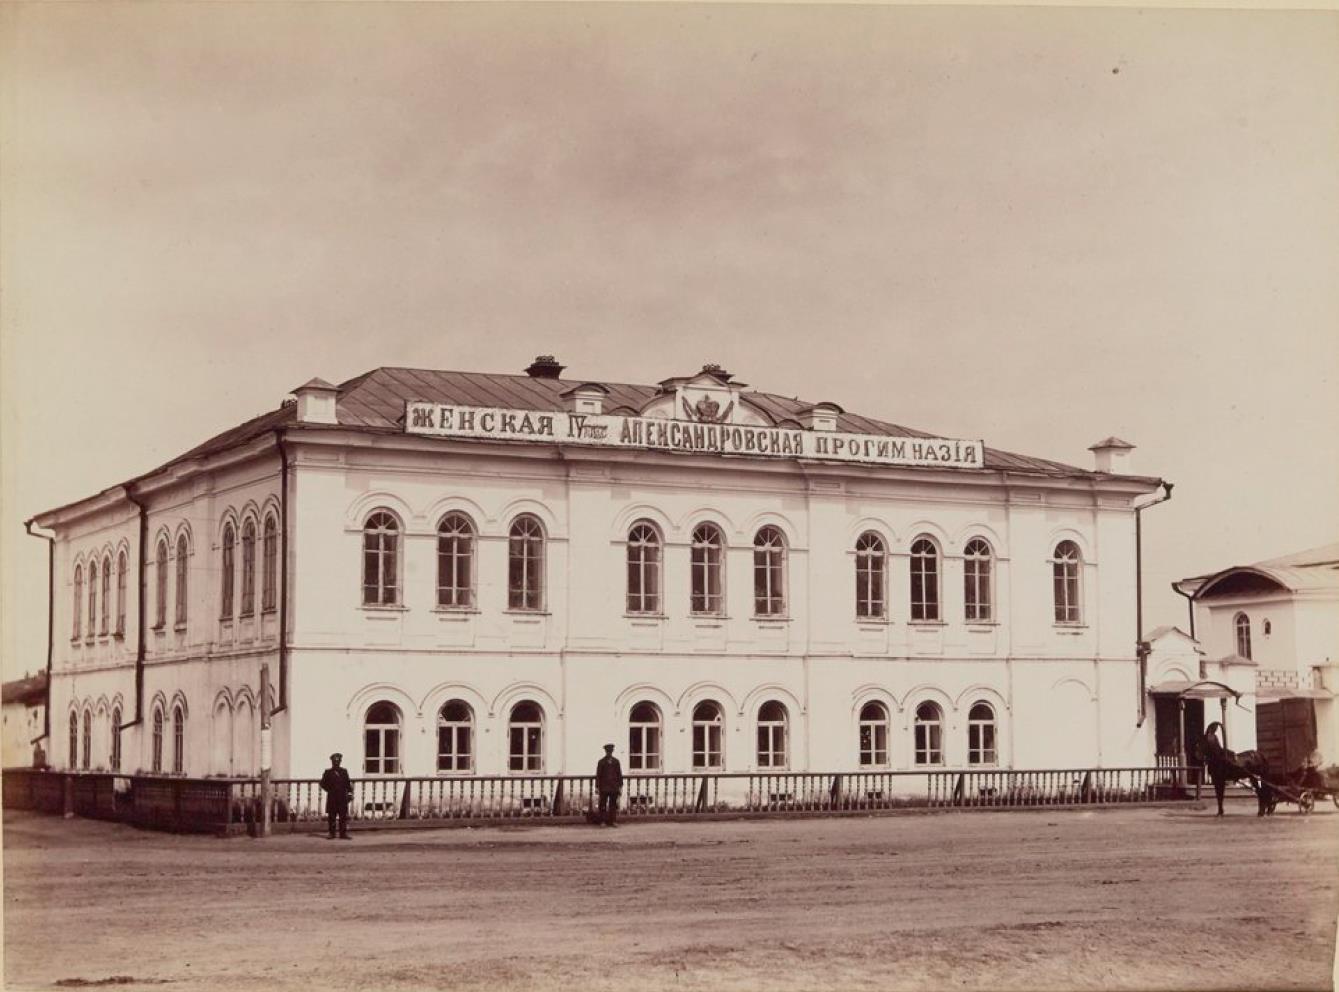 Курган. Женская Александровская прогимназия